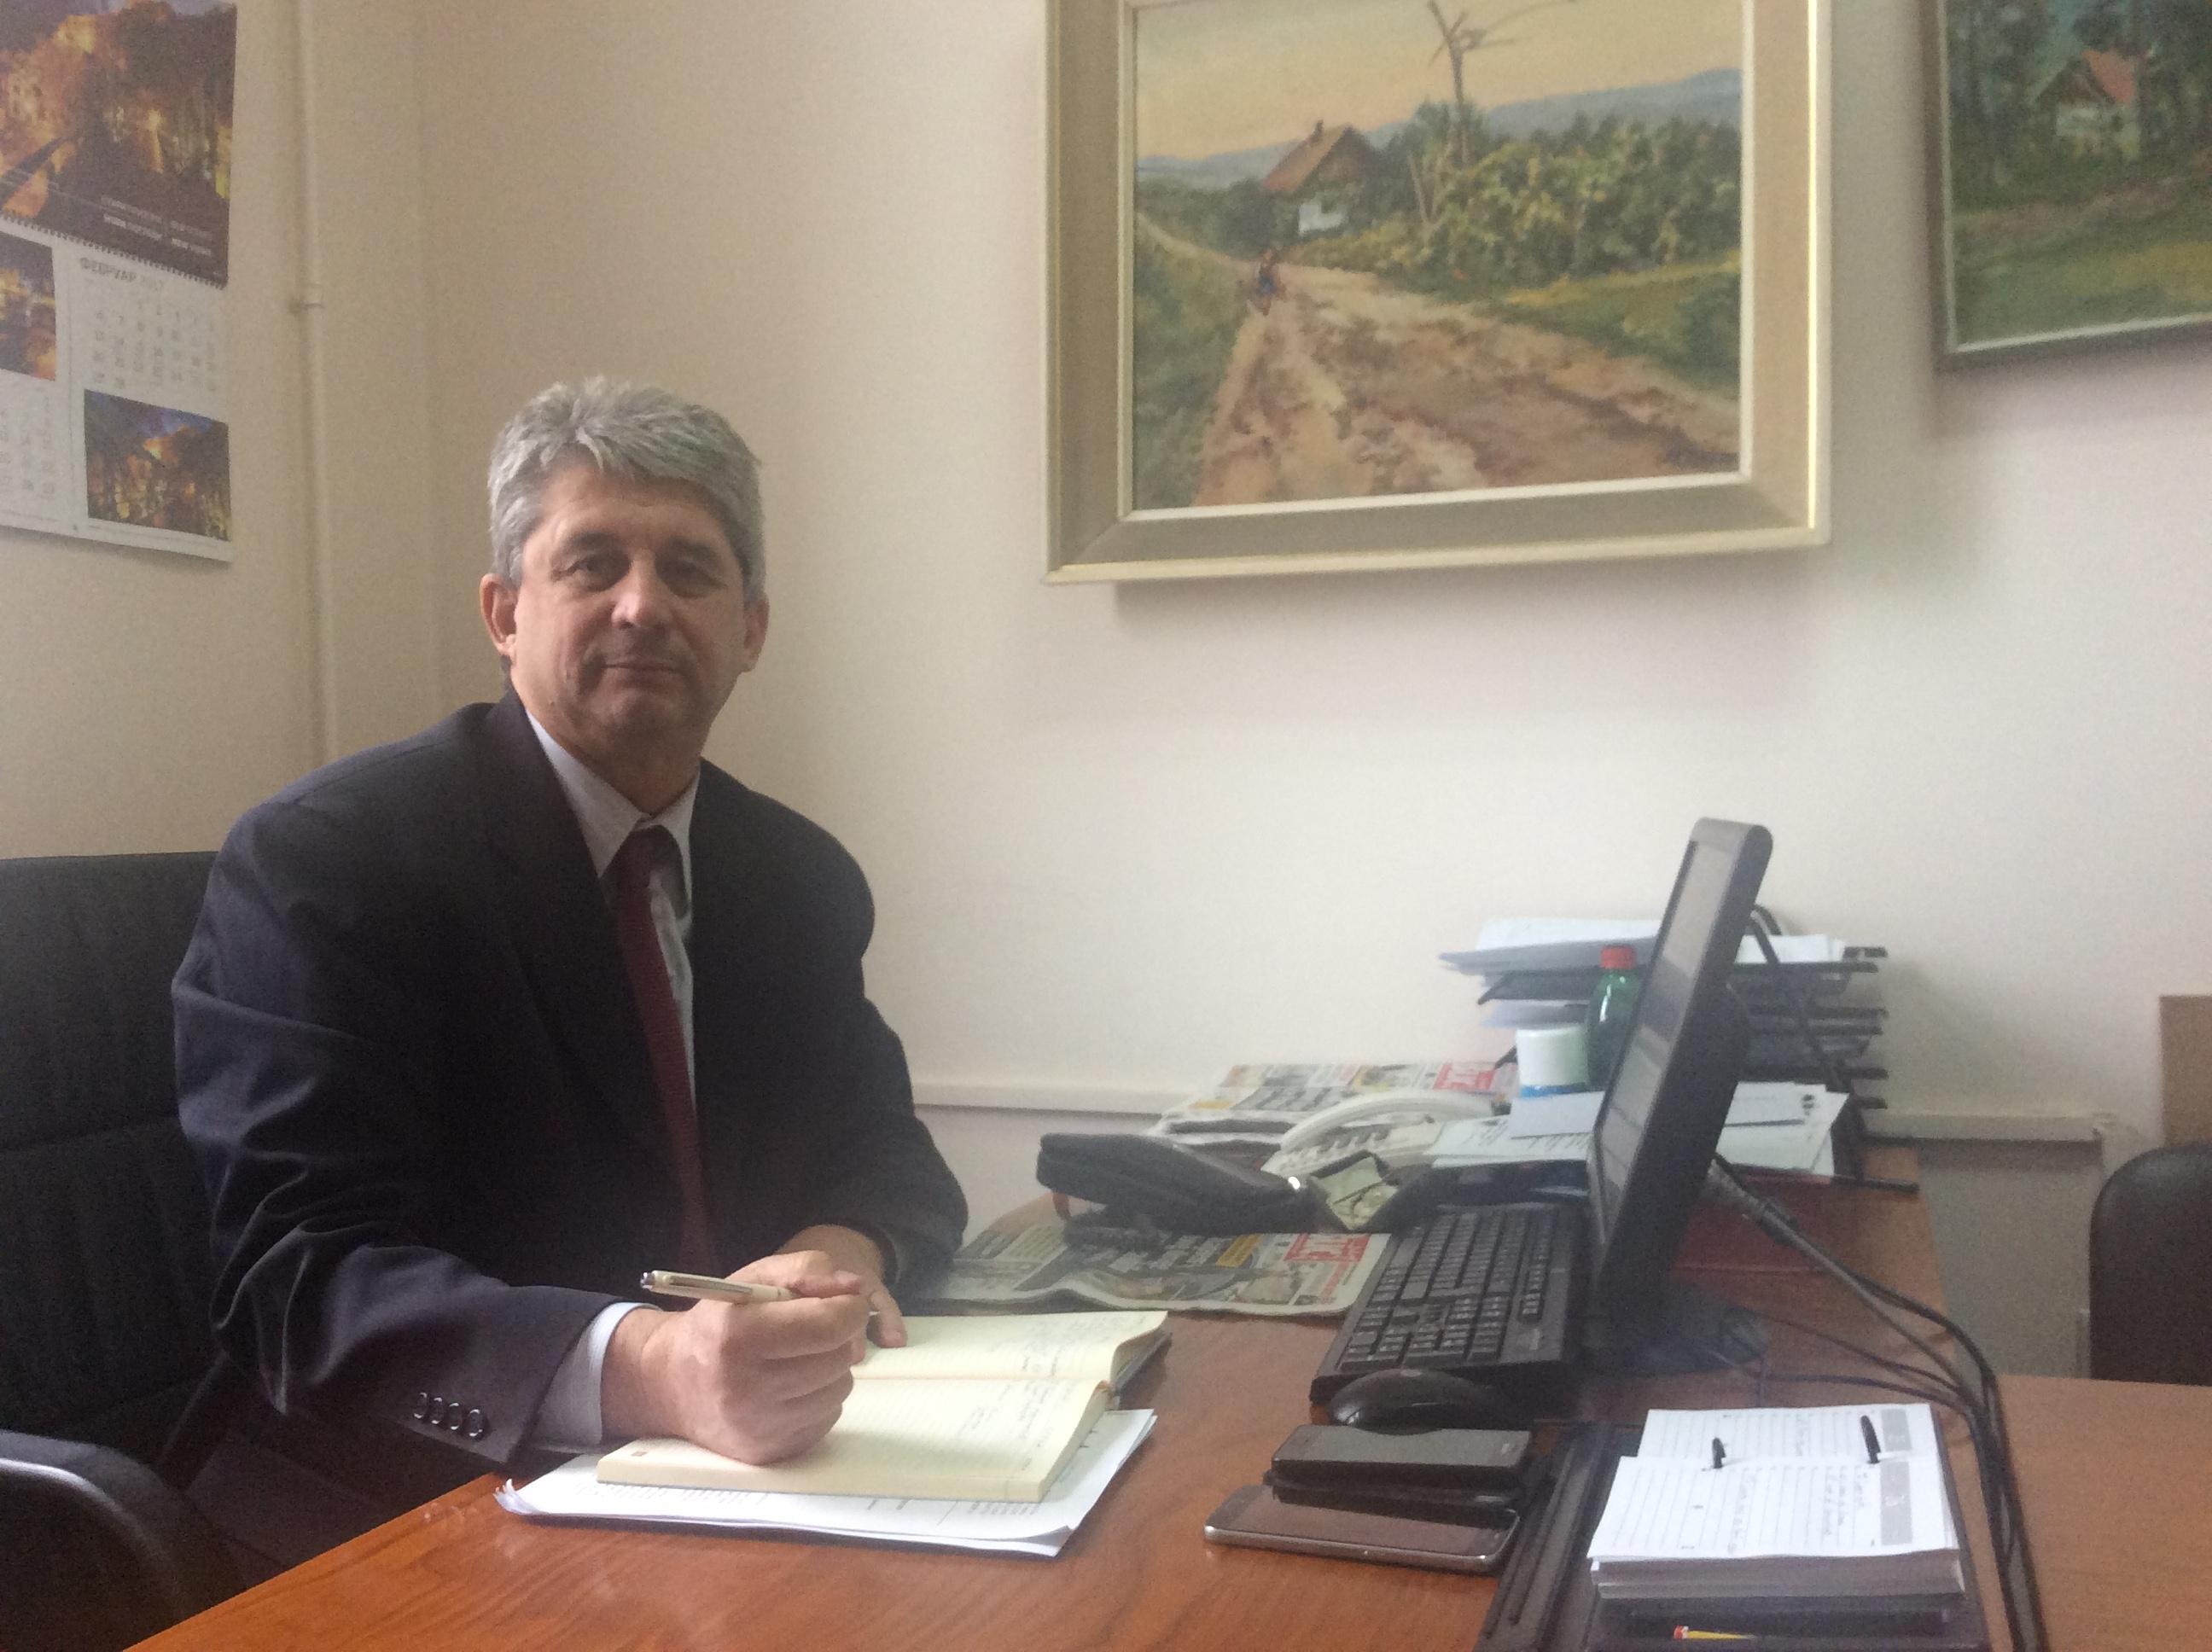 Grad Užice već finansira sedam socijalnih usluga i podržava uvođenje nove, kaže Vidoje Drndarević, gradski većnik za socijalnu politiku Foto--URP